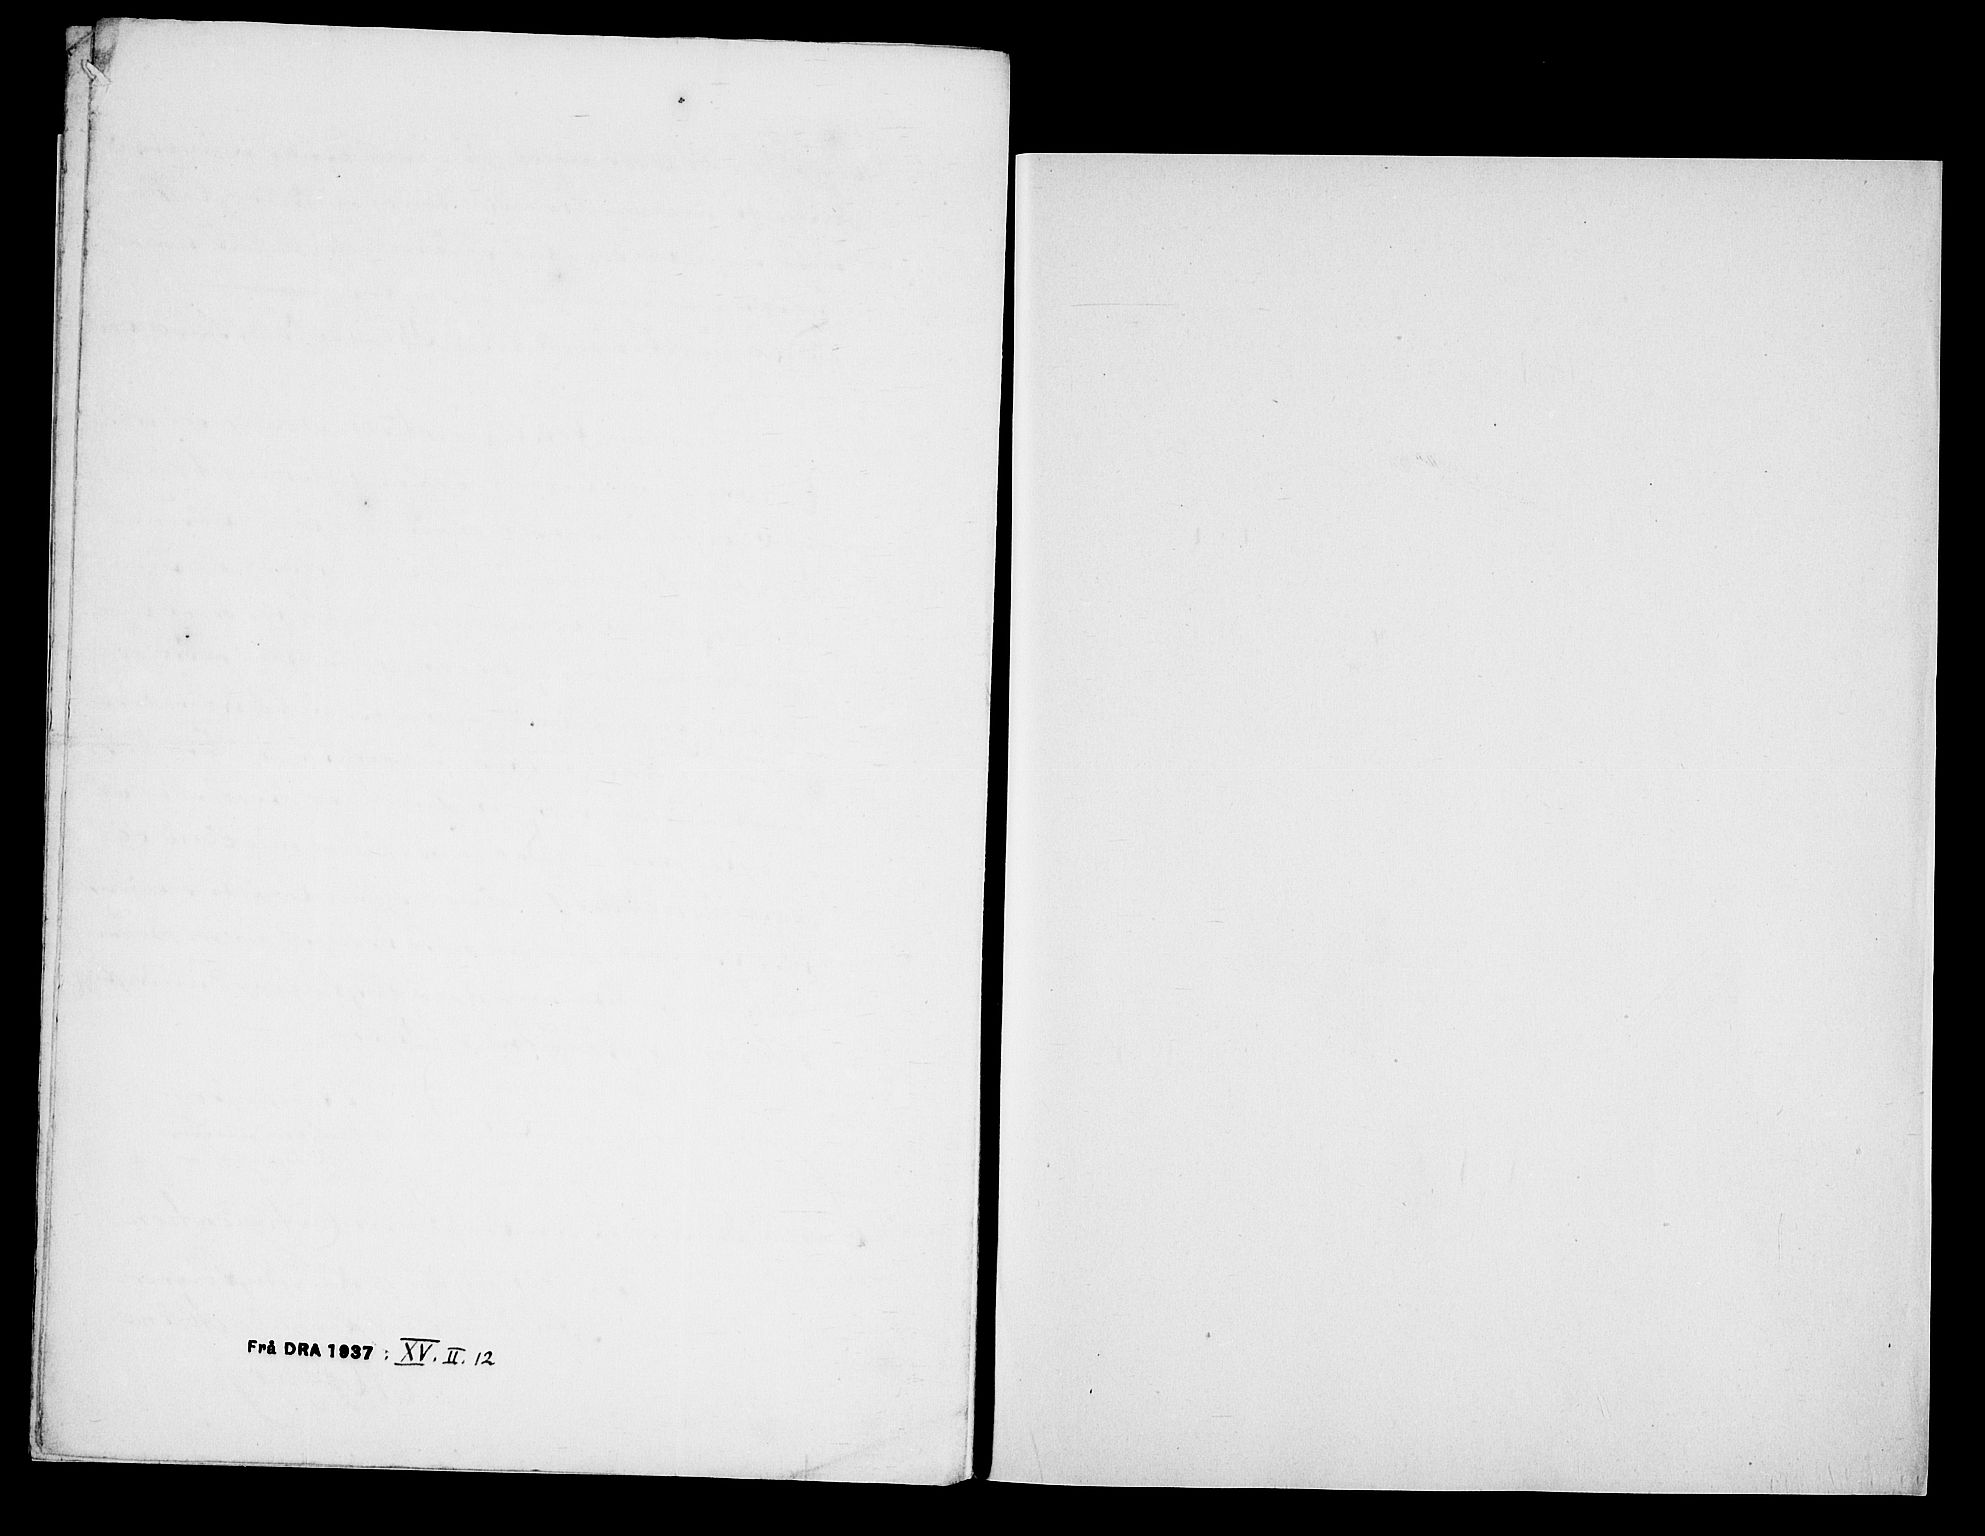 RA, Danske Kanselli, Skapsaker, G/L0019: Tillegg til skapsakene, 1616-1753, p. 349